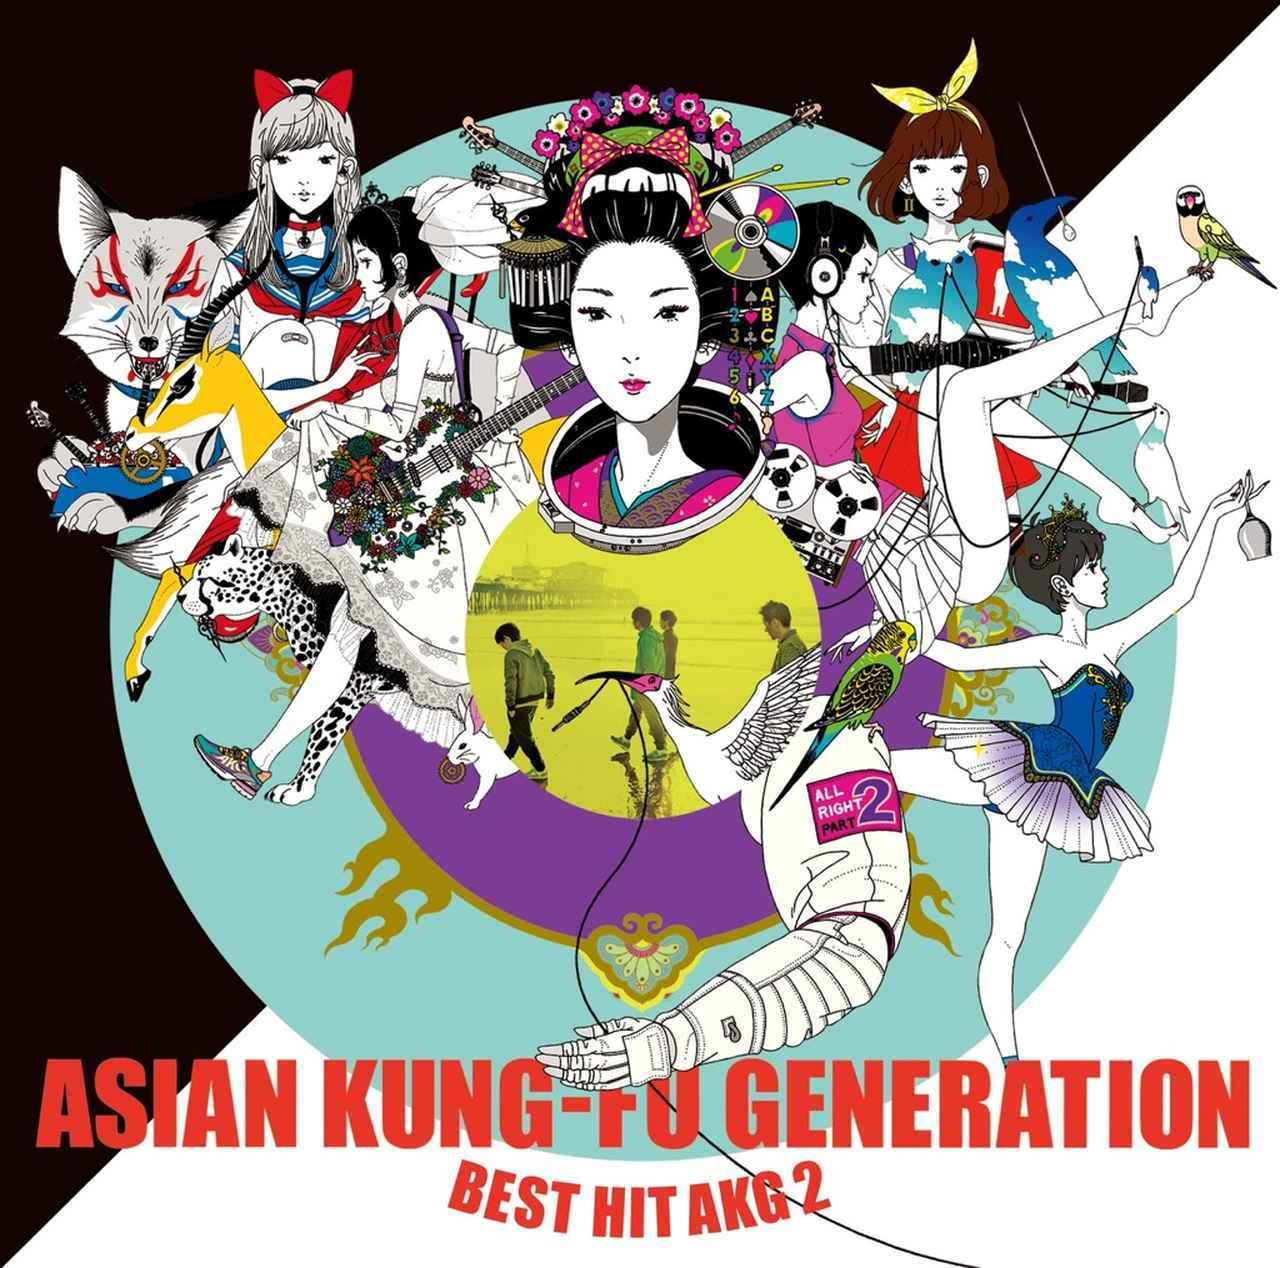 画像: BEST HIT AKG 2 (2012-2018) / ASIAN KUNG-FU GENERATION